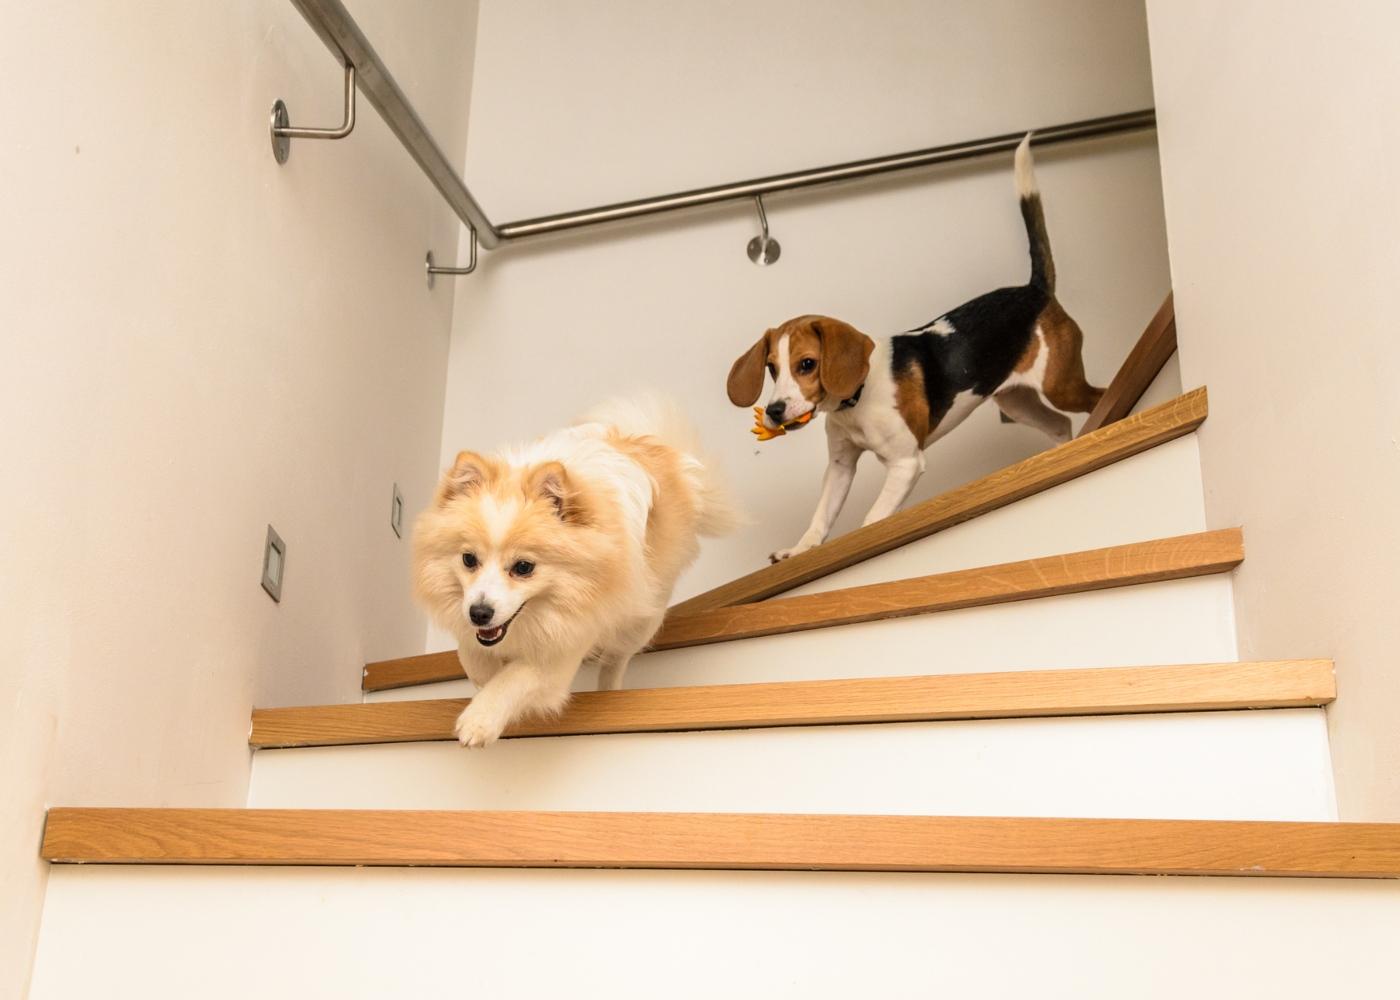 exercícios que pode fazer com o seu cão em casa: subir e descer escadas